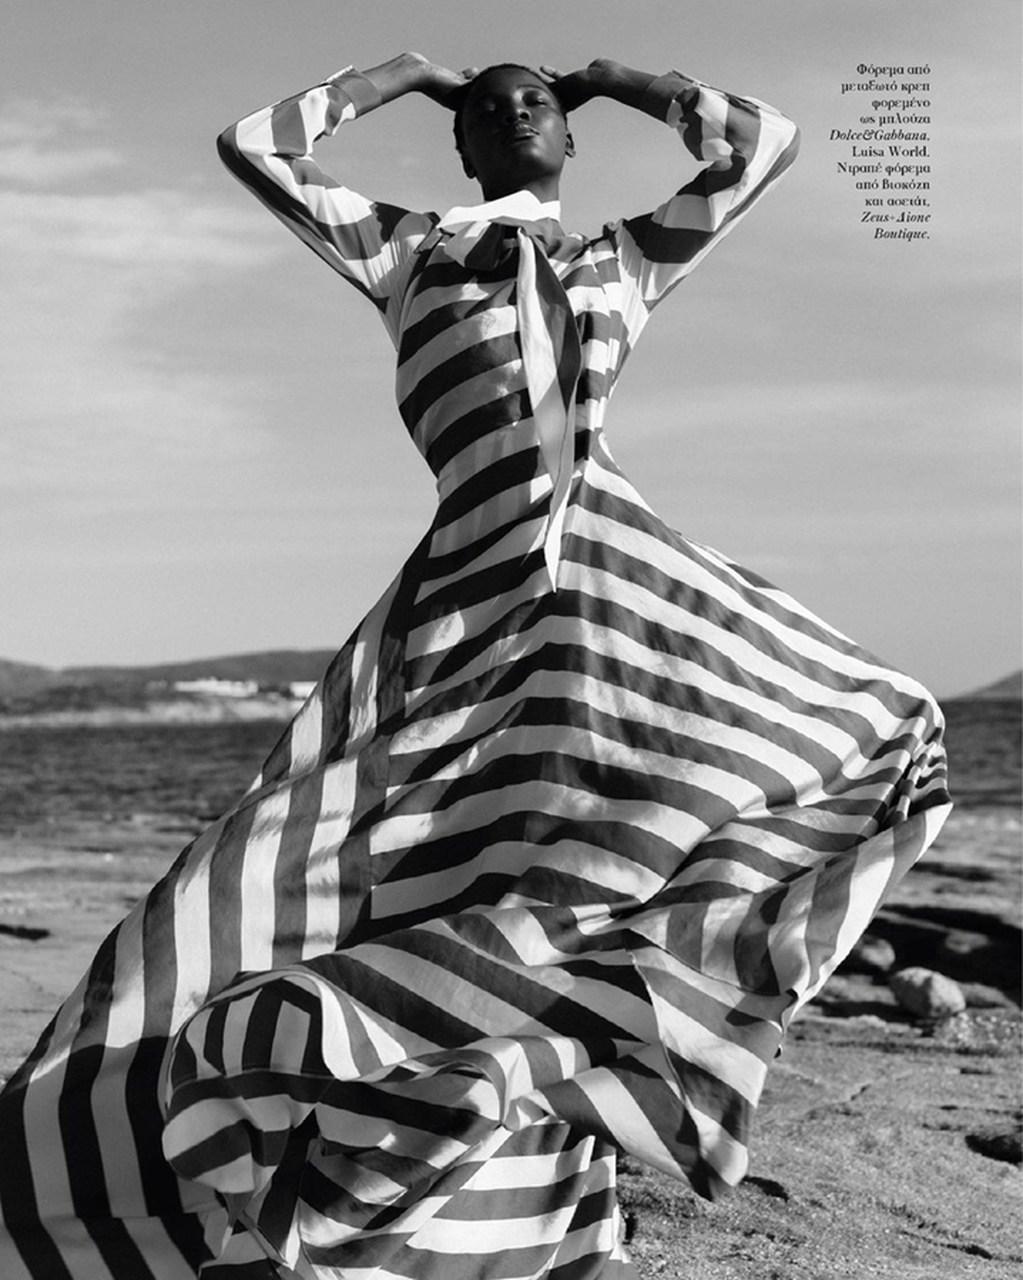 Sompa António é destaque na Vogue Grécia